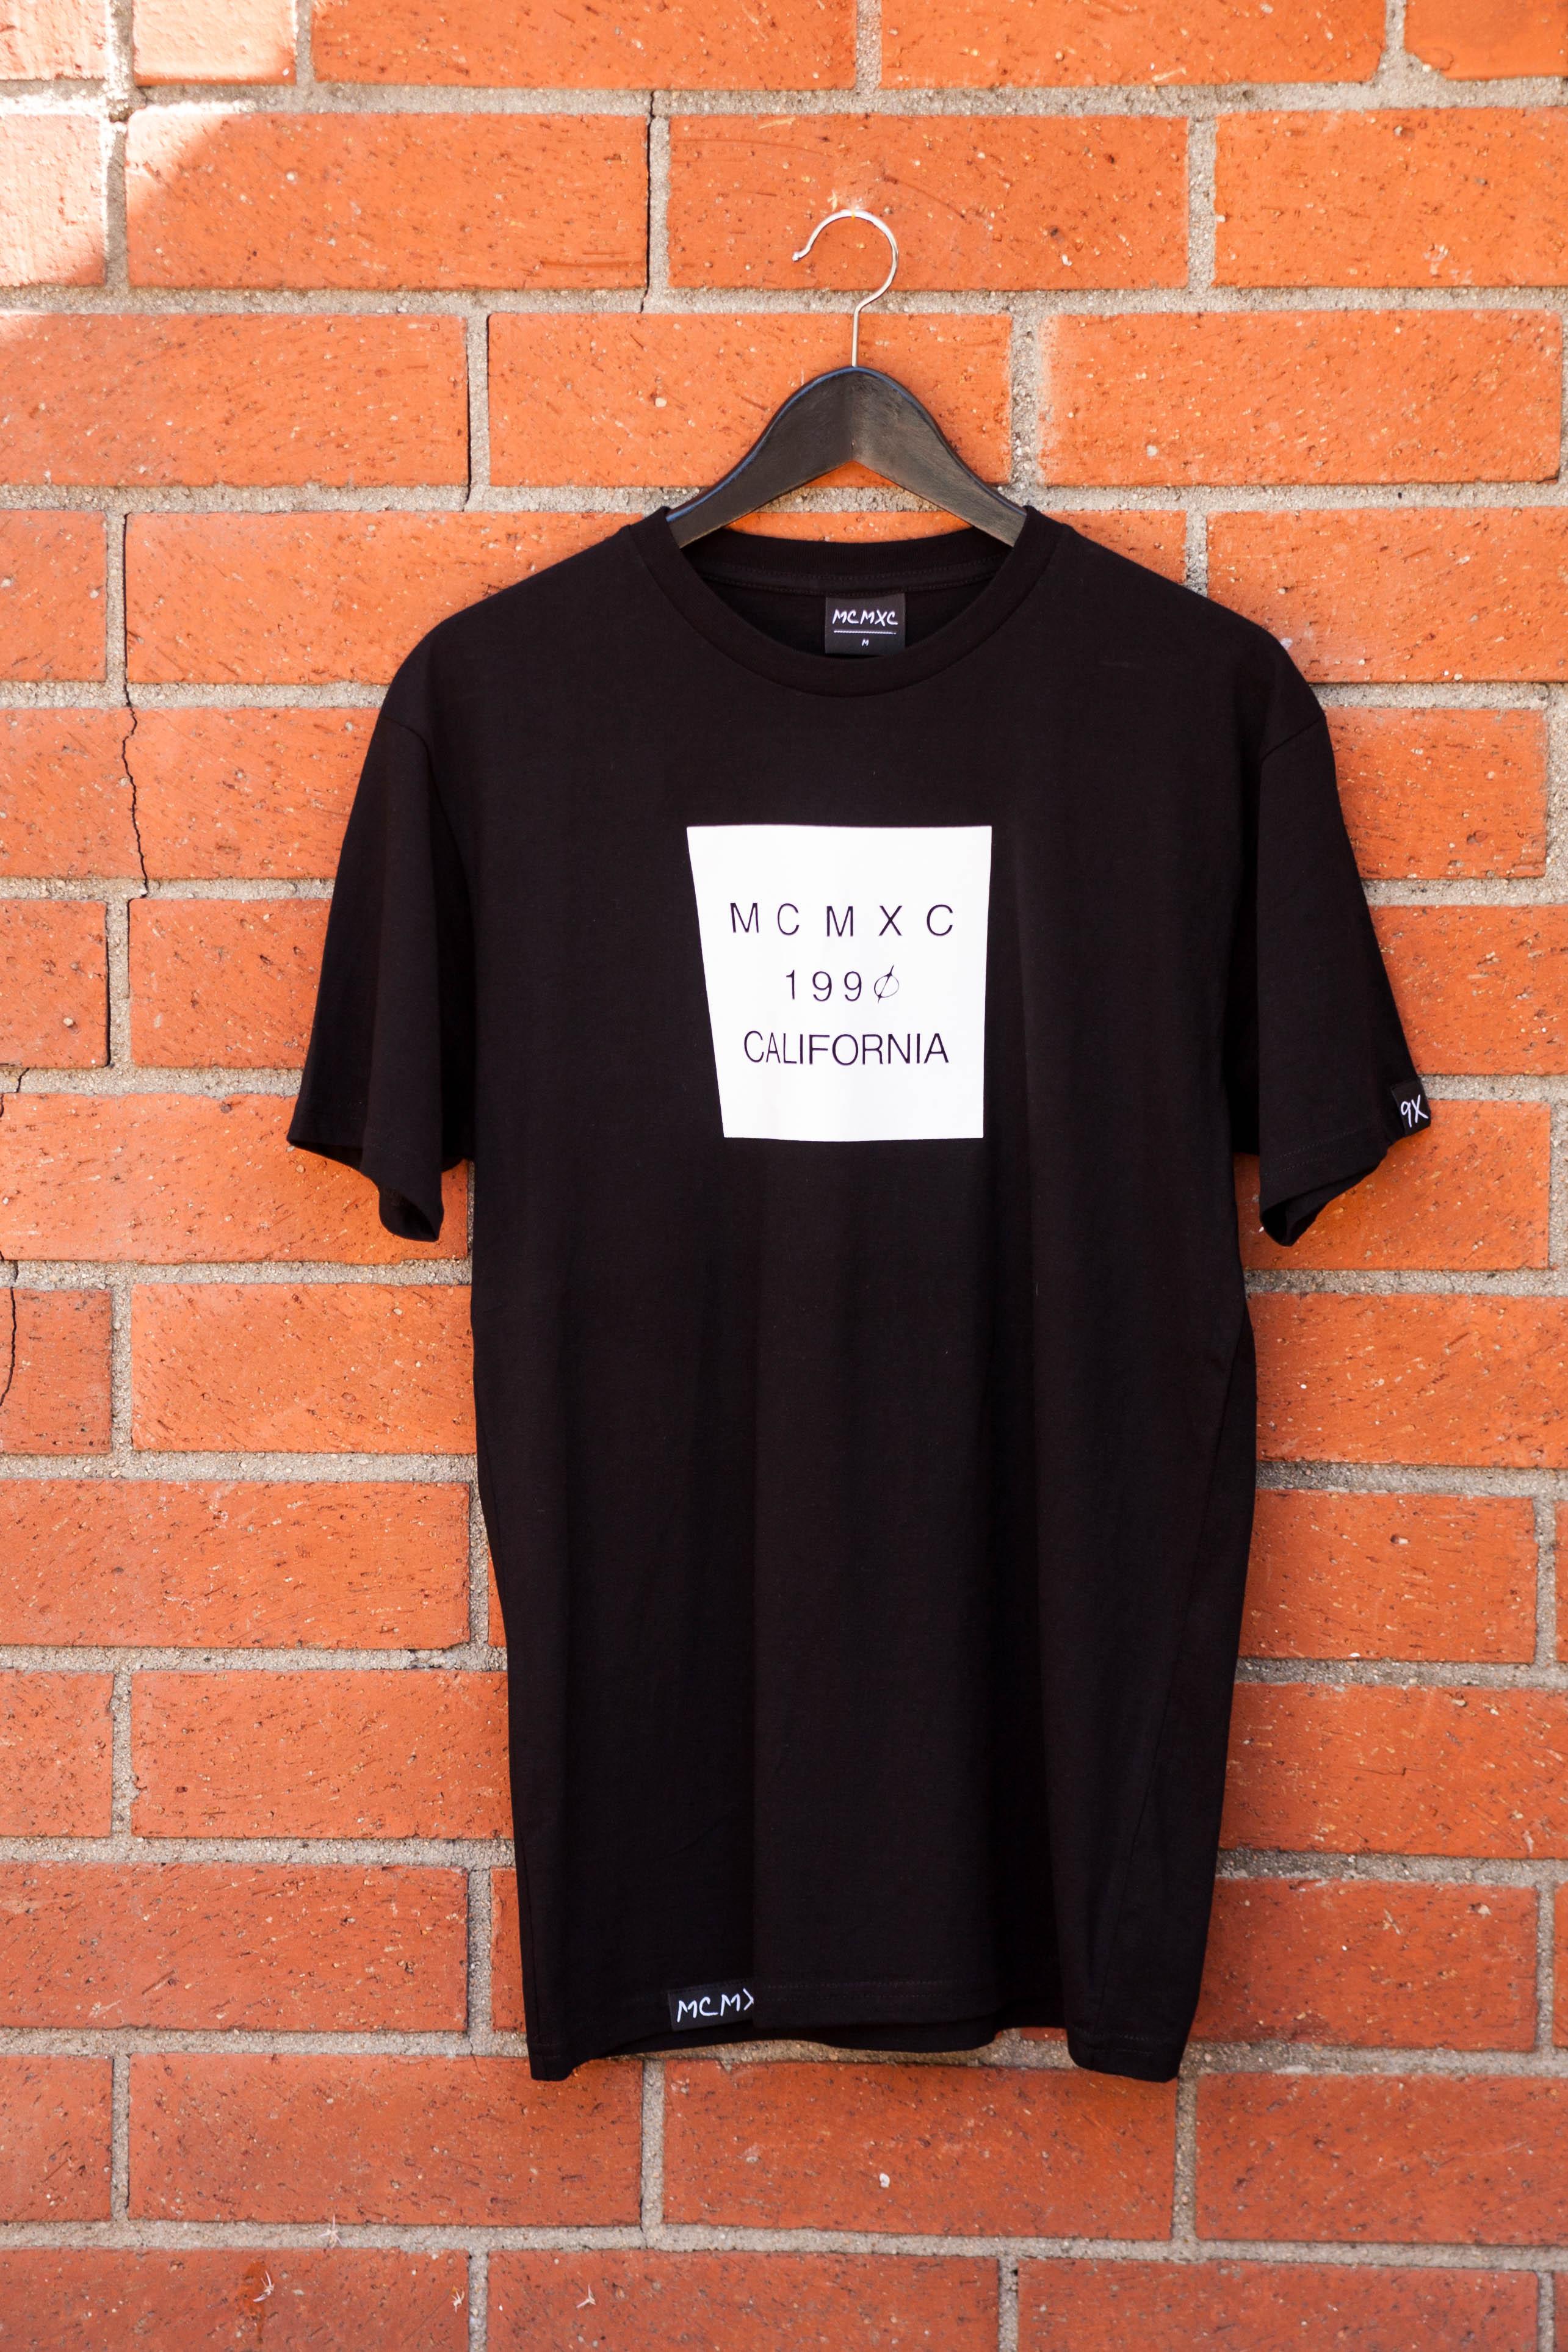 61283822 Mcmxc 201990 20cali 20 20black 20 20t shirt 20 20front original